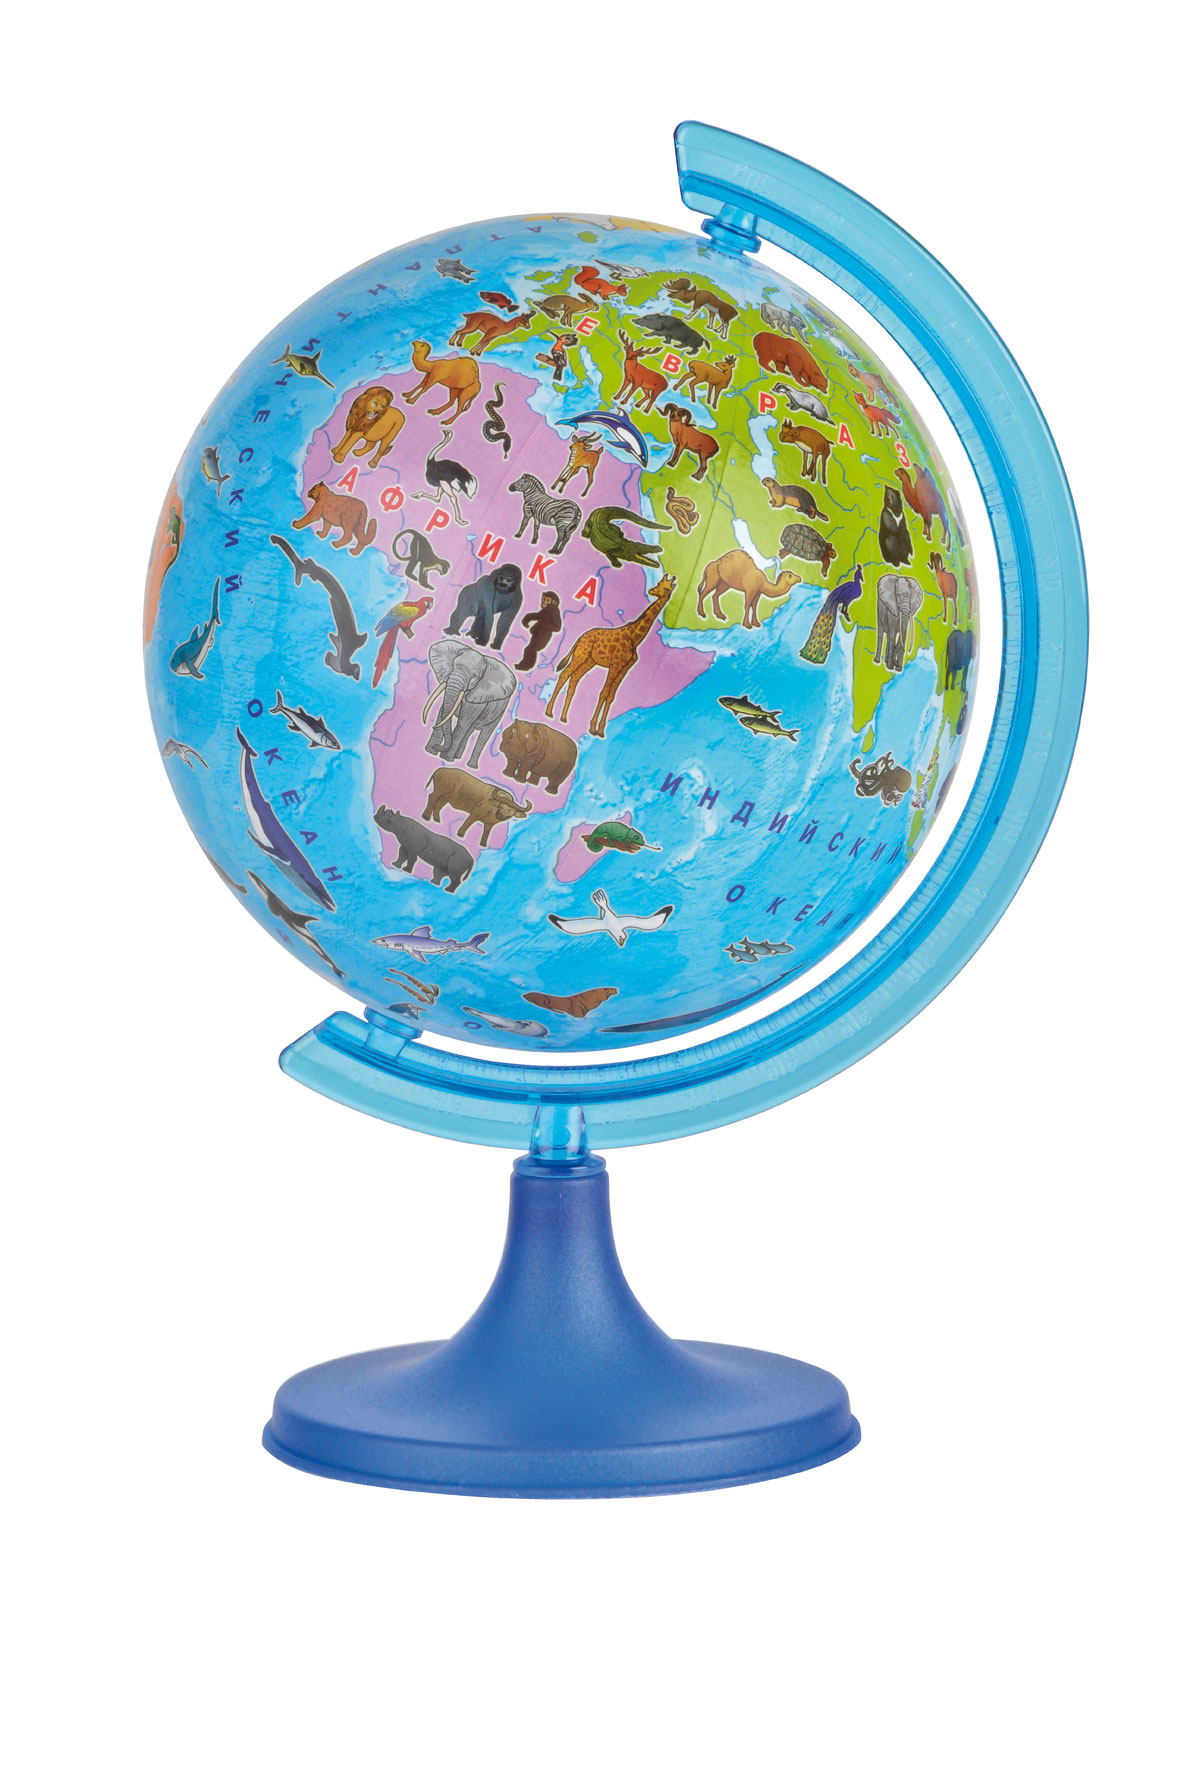 Глобус DMB Сафари, диаметр 11 см + Мини-энциклопедия Животный Мир ЗемлиFS-00897Глобус DMB Сафари изготовлен из высококачественногопрочного пластика в оригинальной, яркой цветной гамме, где все материки и океаны выполнены в ярких контрастных красках, что привлечет внимание и интерес ребенка. На глобусе отображены самые известные животные, наиболее характерные для той или иной среды обитания. Изделие расположено на подставке. Географические названия на глобусе приведены нарусском языке. Сделайте первый шаг в стимулирование своегообучения! К глобусу прилагается мини-энциклопедия Животный Мир Земли, которая обязательно поможет детям и их родителям открыть для себя что-то новое в изучении животного мира нашей удивительной планеты.Настольный глобус DMB Сафари станет оригинальным украшением рабочегостола или вашего кабинета. Это изысканная вещь для стильного интерьера,которая станет прекрасным подарком для современного преуспевающегочеловека, следующего последним тенденциям моды и стремящегося кэлегантности и комфорту в каждой детали.Высота глобуса с подставкой: 17 см.Диаметр глобуса: 11 см.Масштаб: 1:115 000 000.